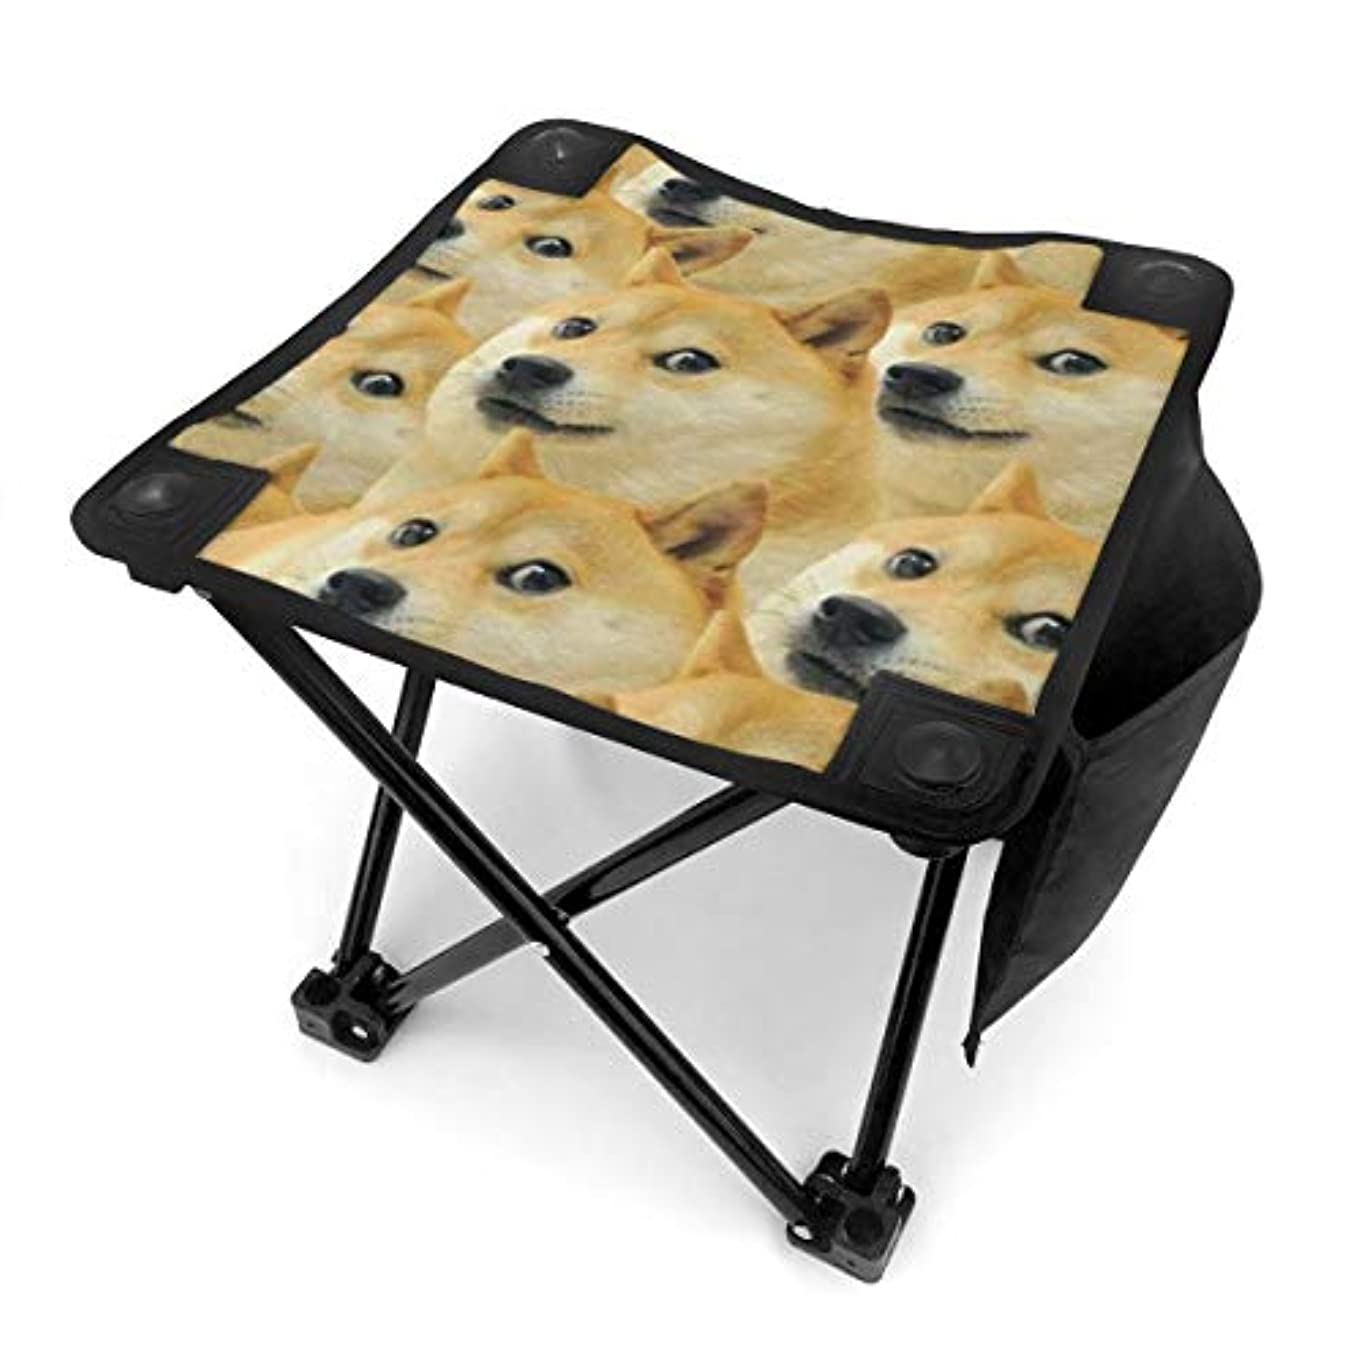 けん引教義デッドロック秋田犬 キャンプ用折りたたみスツール アウトドアチェア 折りたたみ コンパクト椅子 折りたたみスツール 小型スツール 収納袋付き 持ち運びが簡単 耐荷重100kg